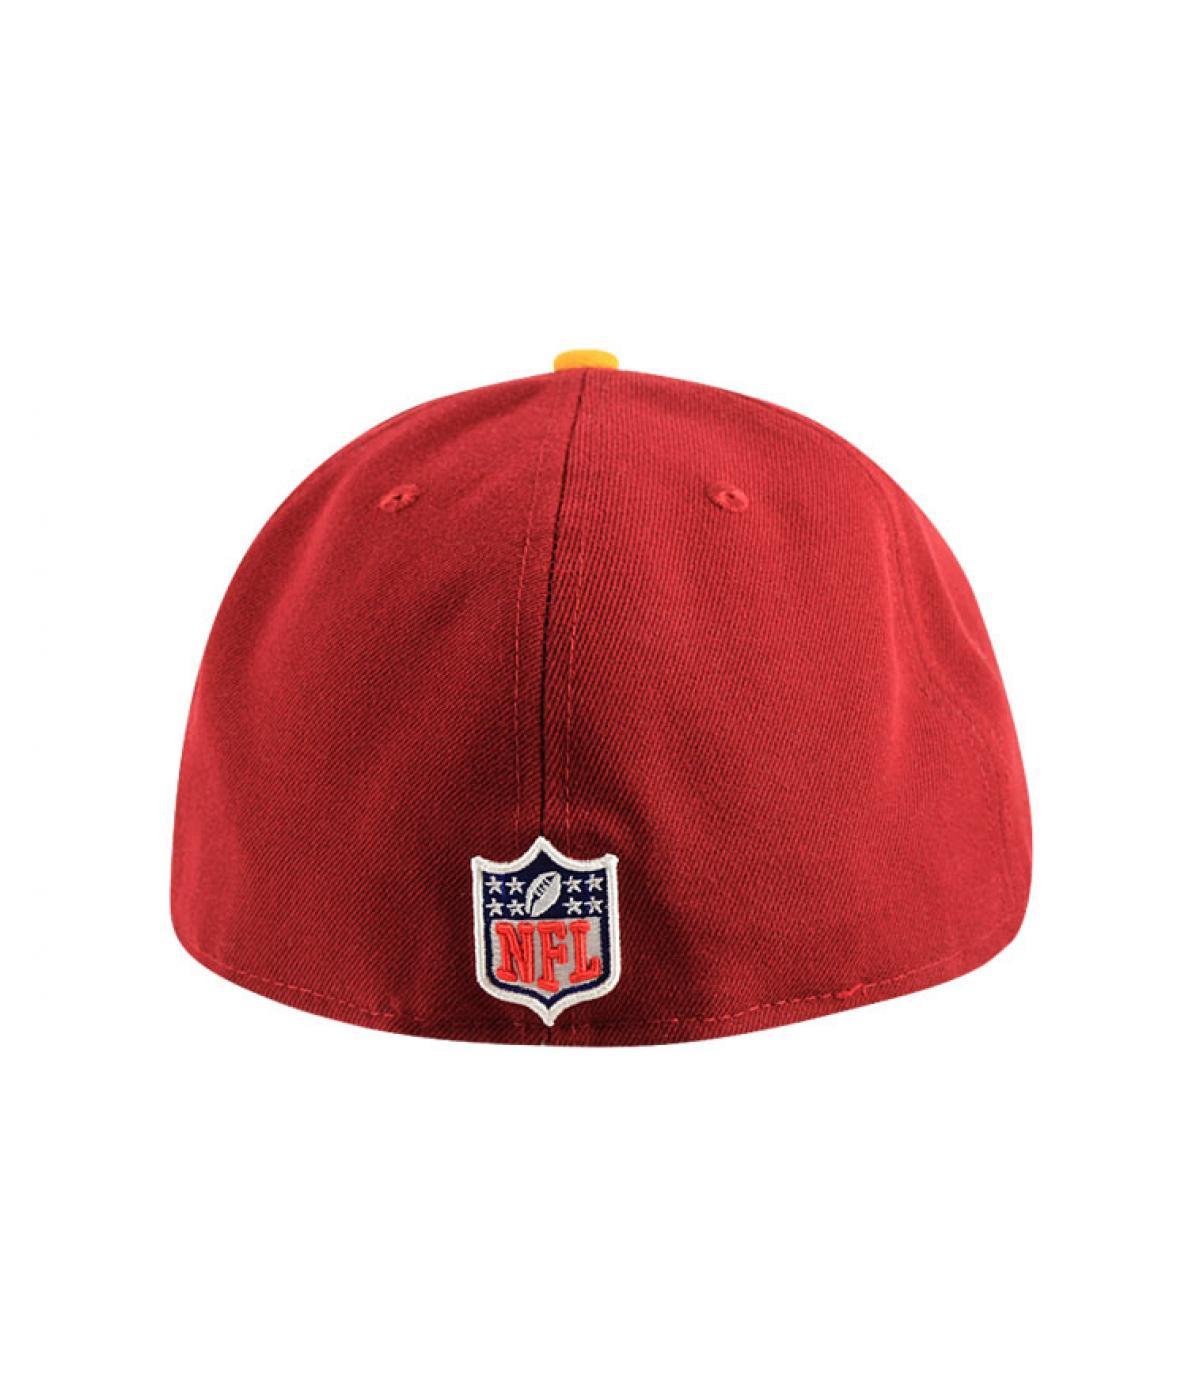 Détails Casquette Redskins 59fifty rouge - image 5